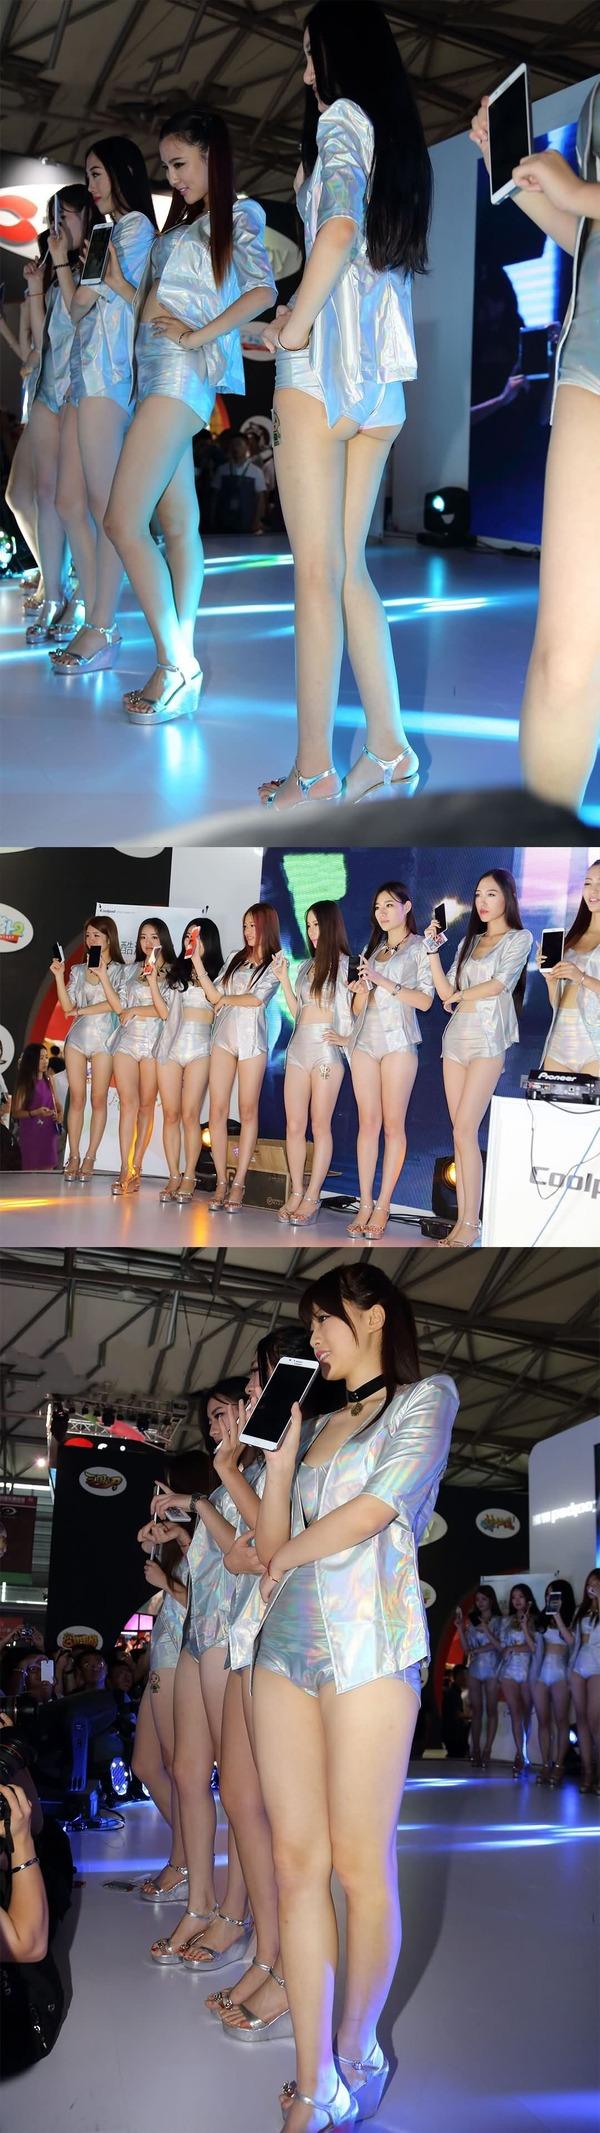 中国最大のチャイナジョイは巨乳セクシーコンパニオン (8)